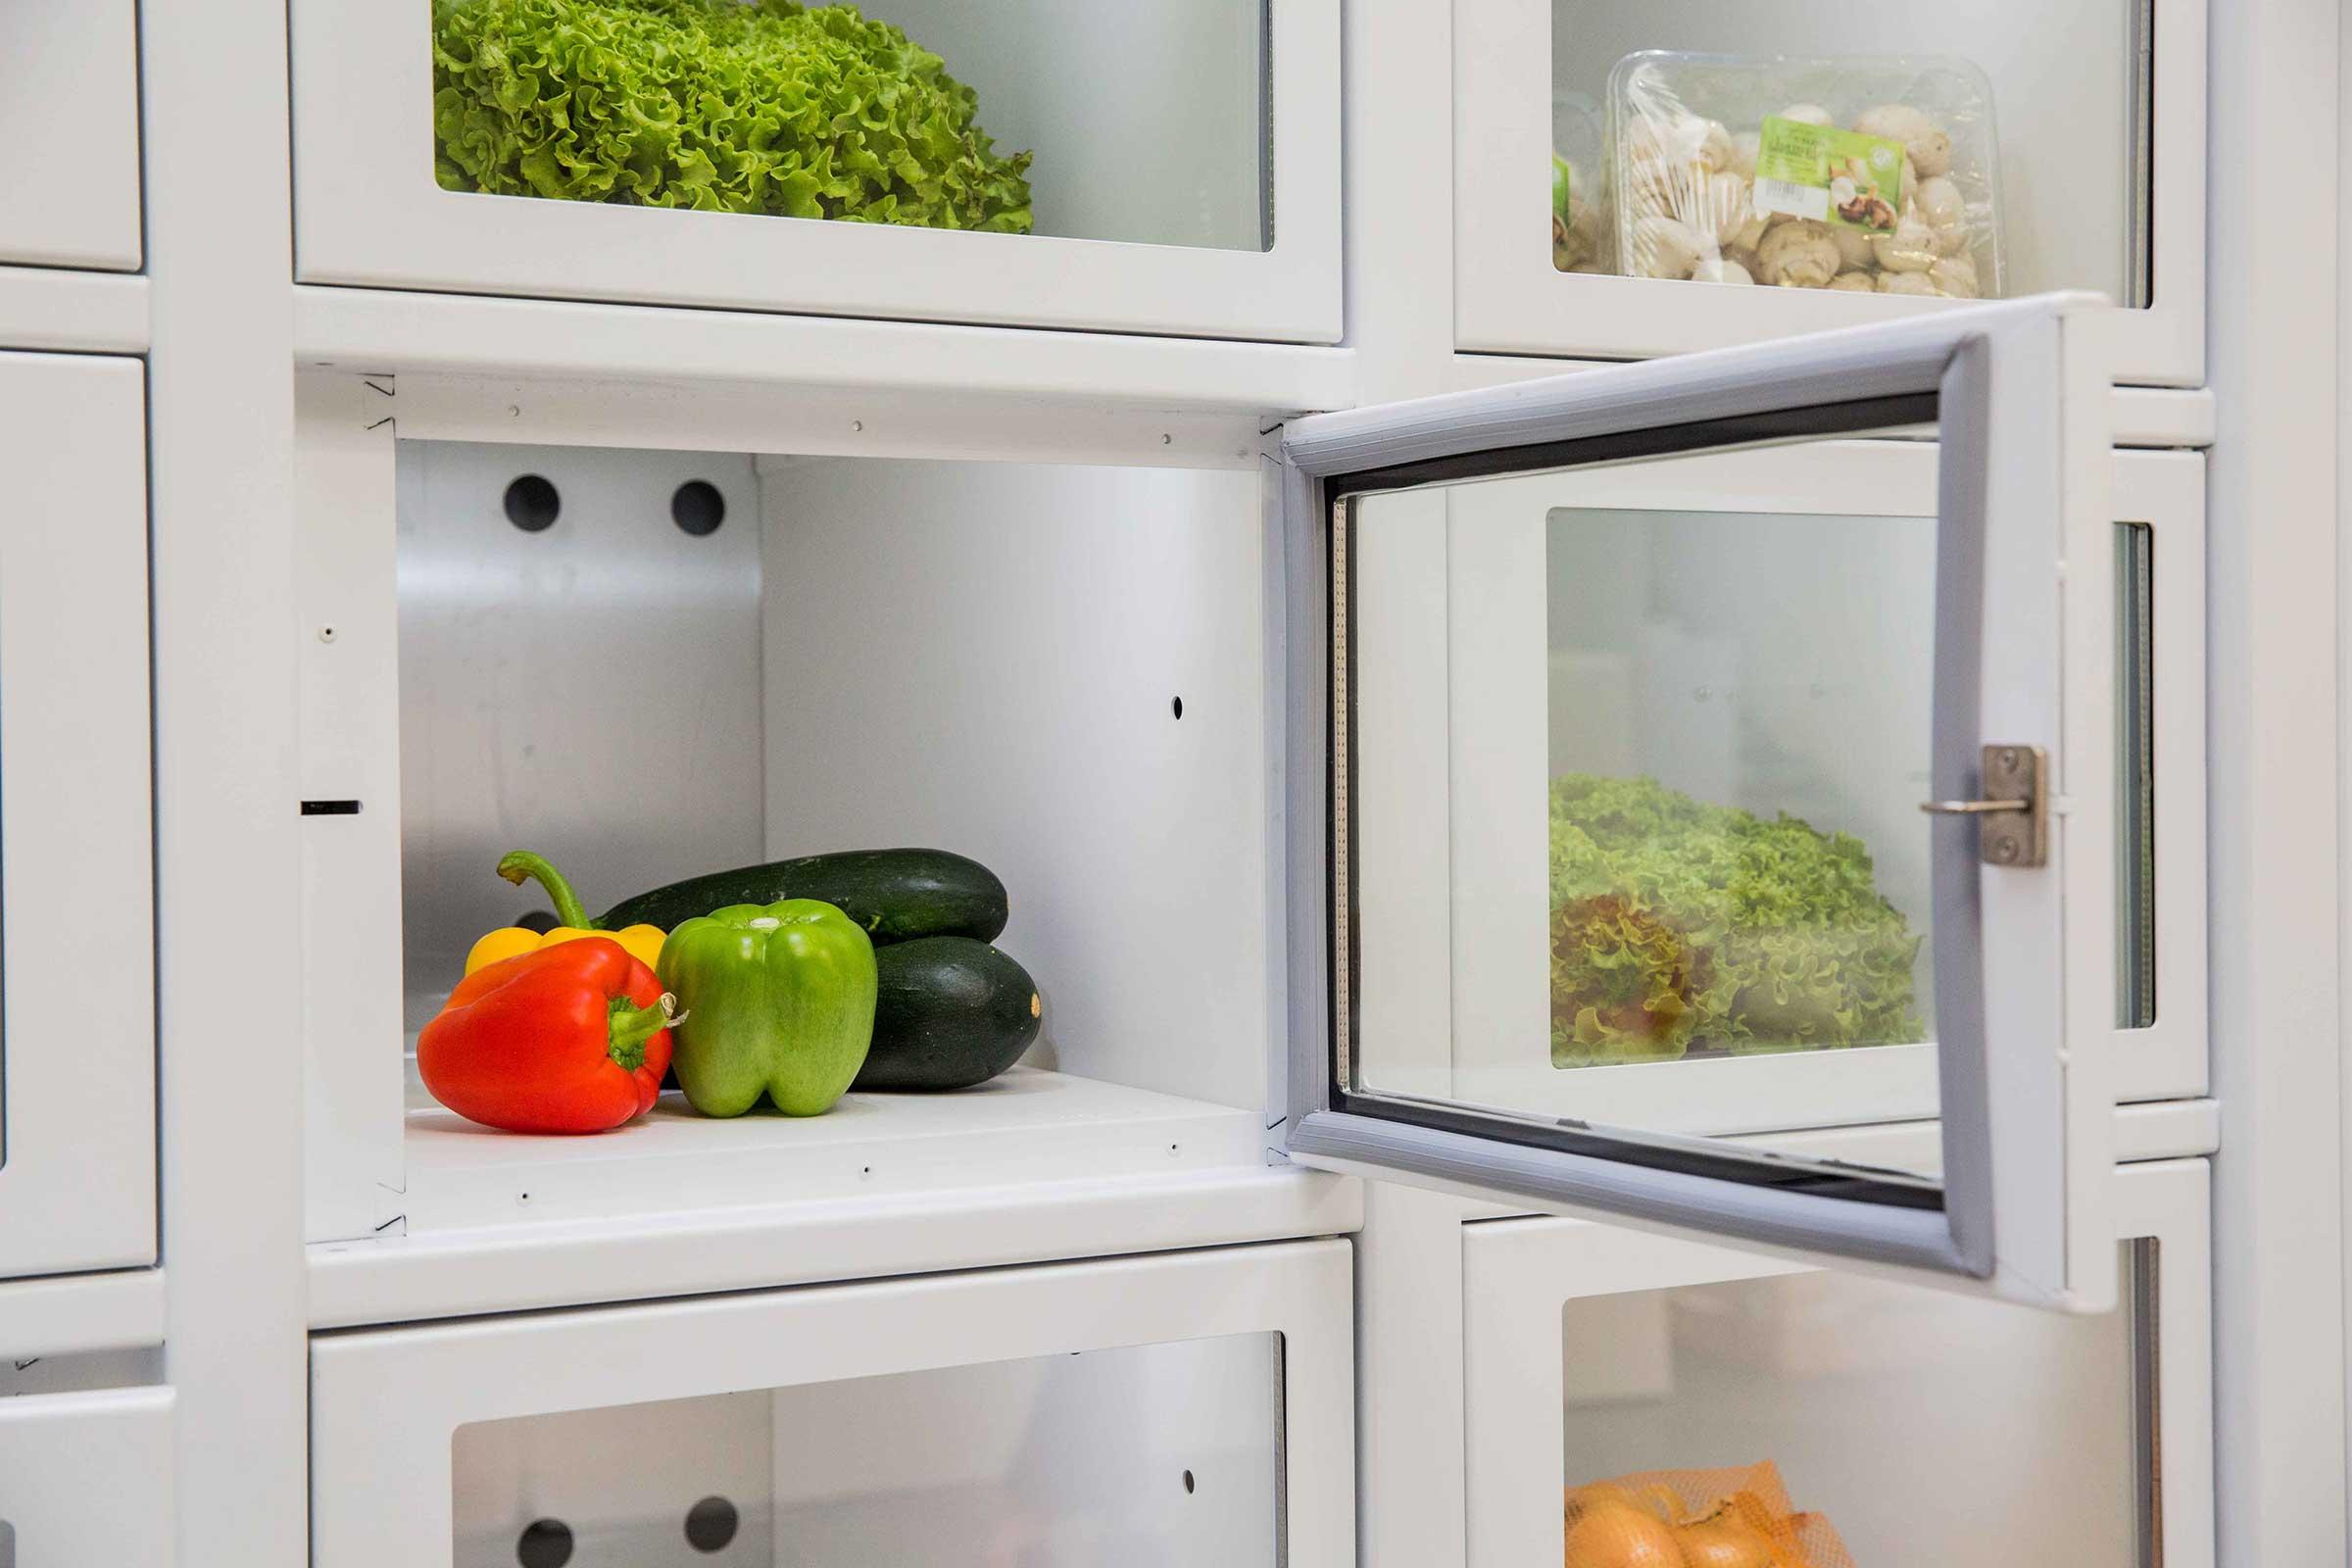 Légumes dans un distributeur automatique Le Casier Français